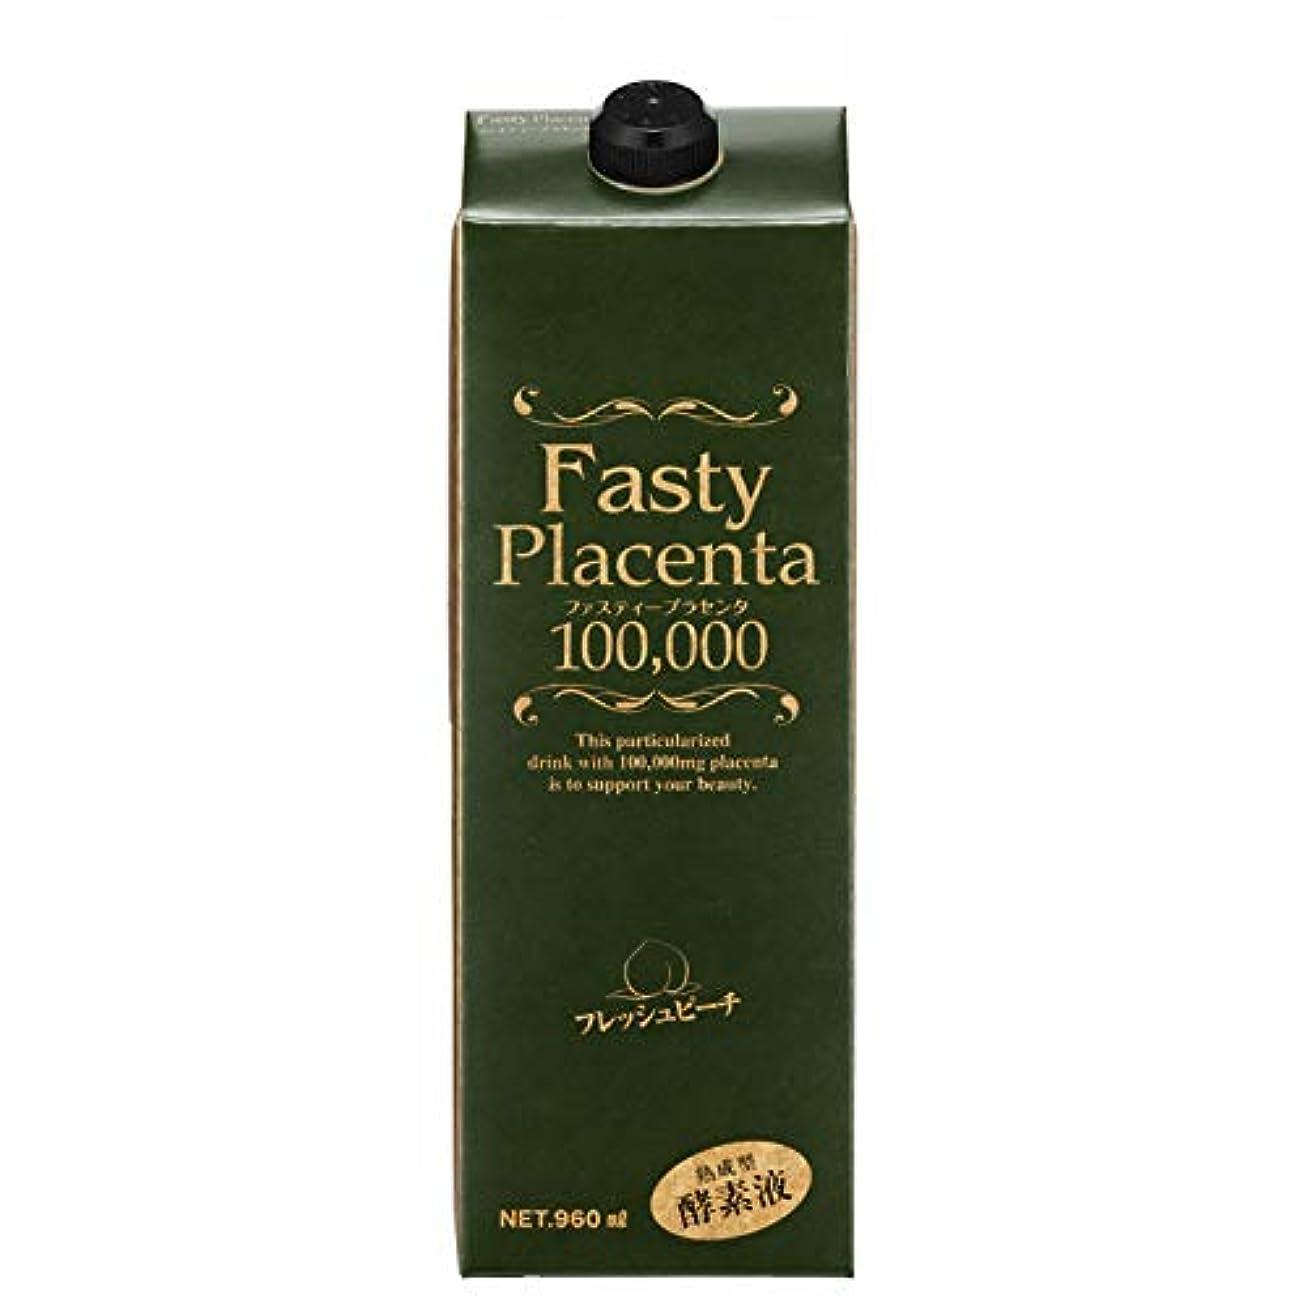 菊代わりにを立てる許可するファスティープラセンタ100,000 増量パック(フレッシュピーチ味)1個